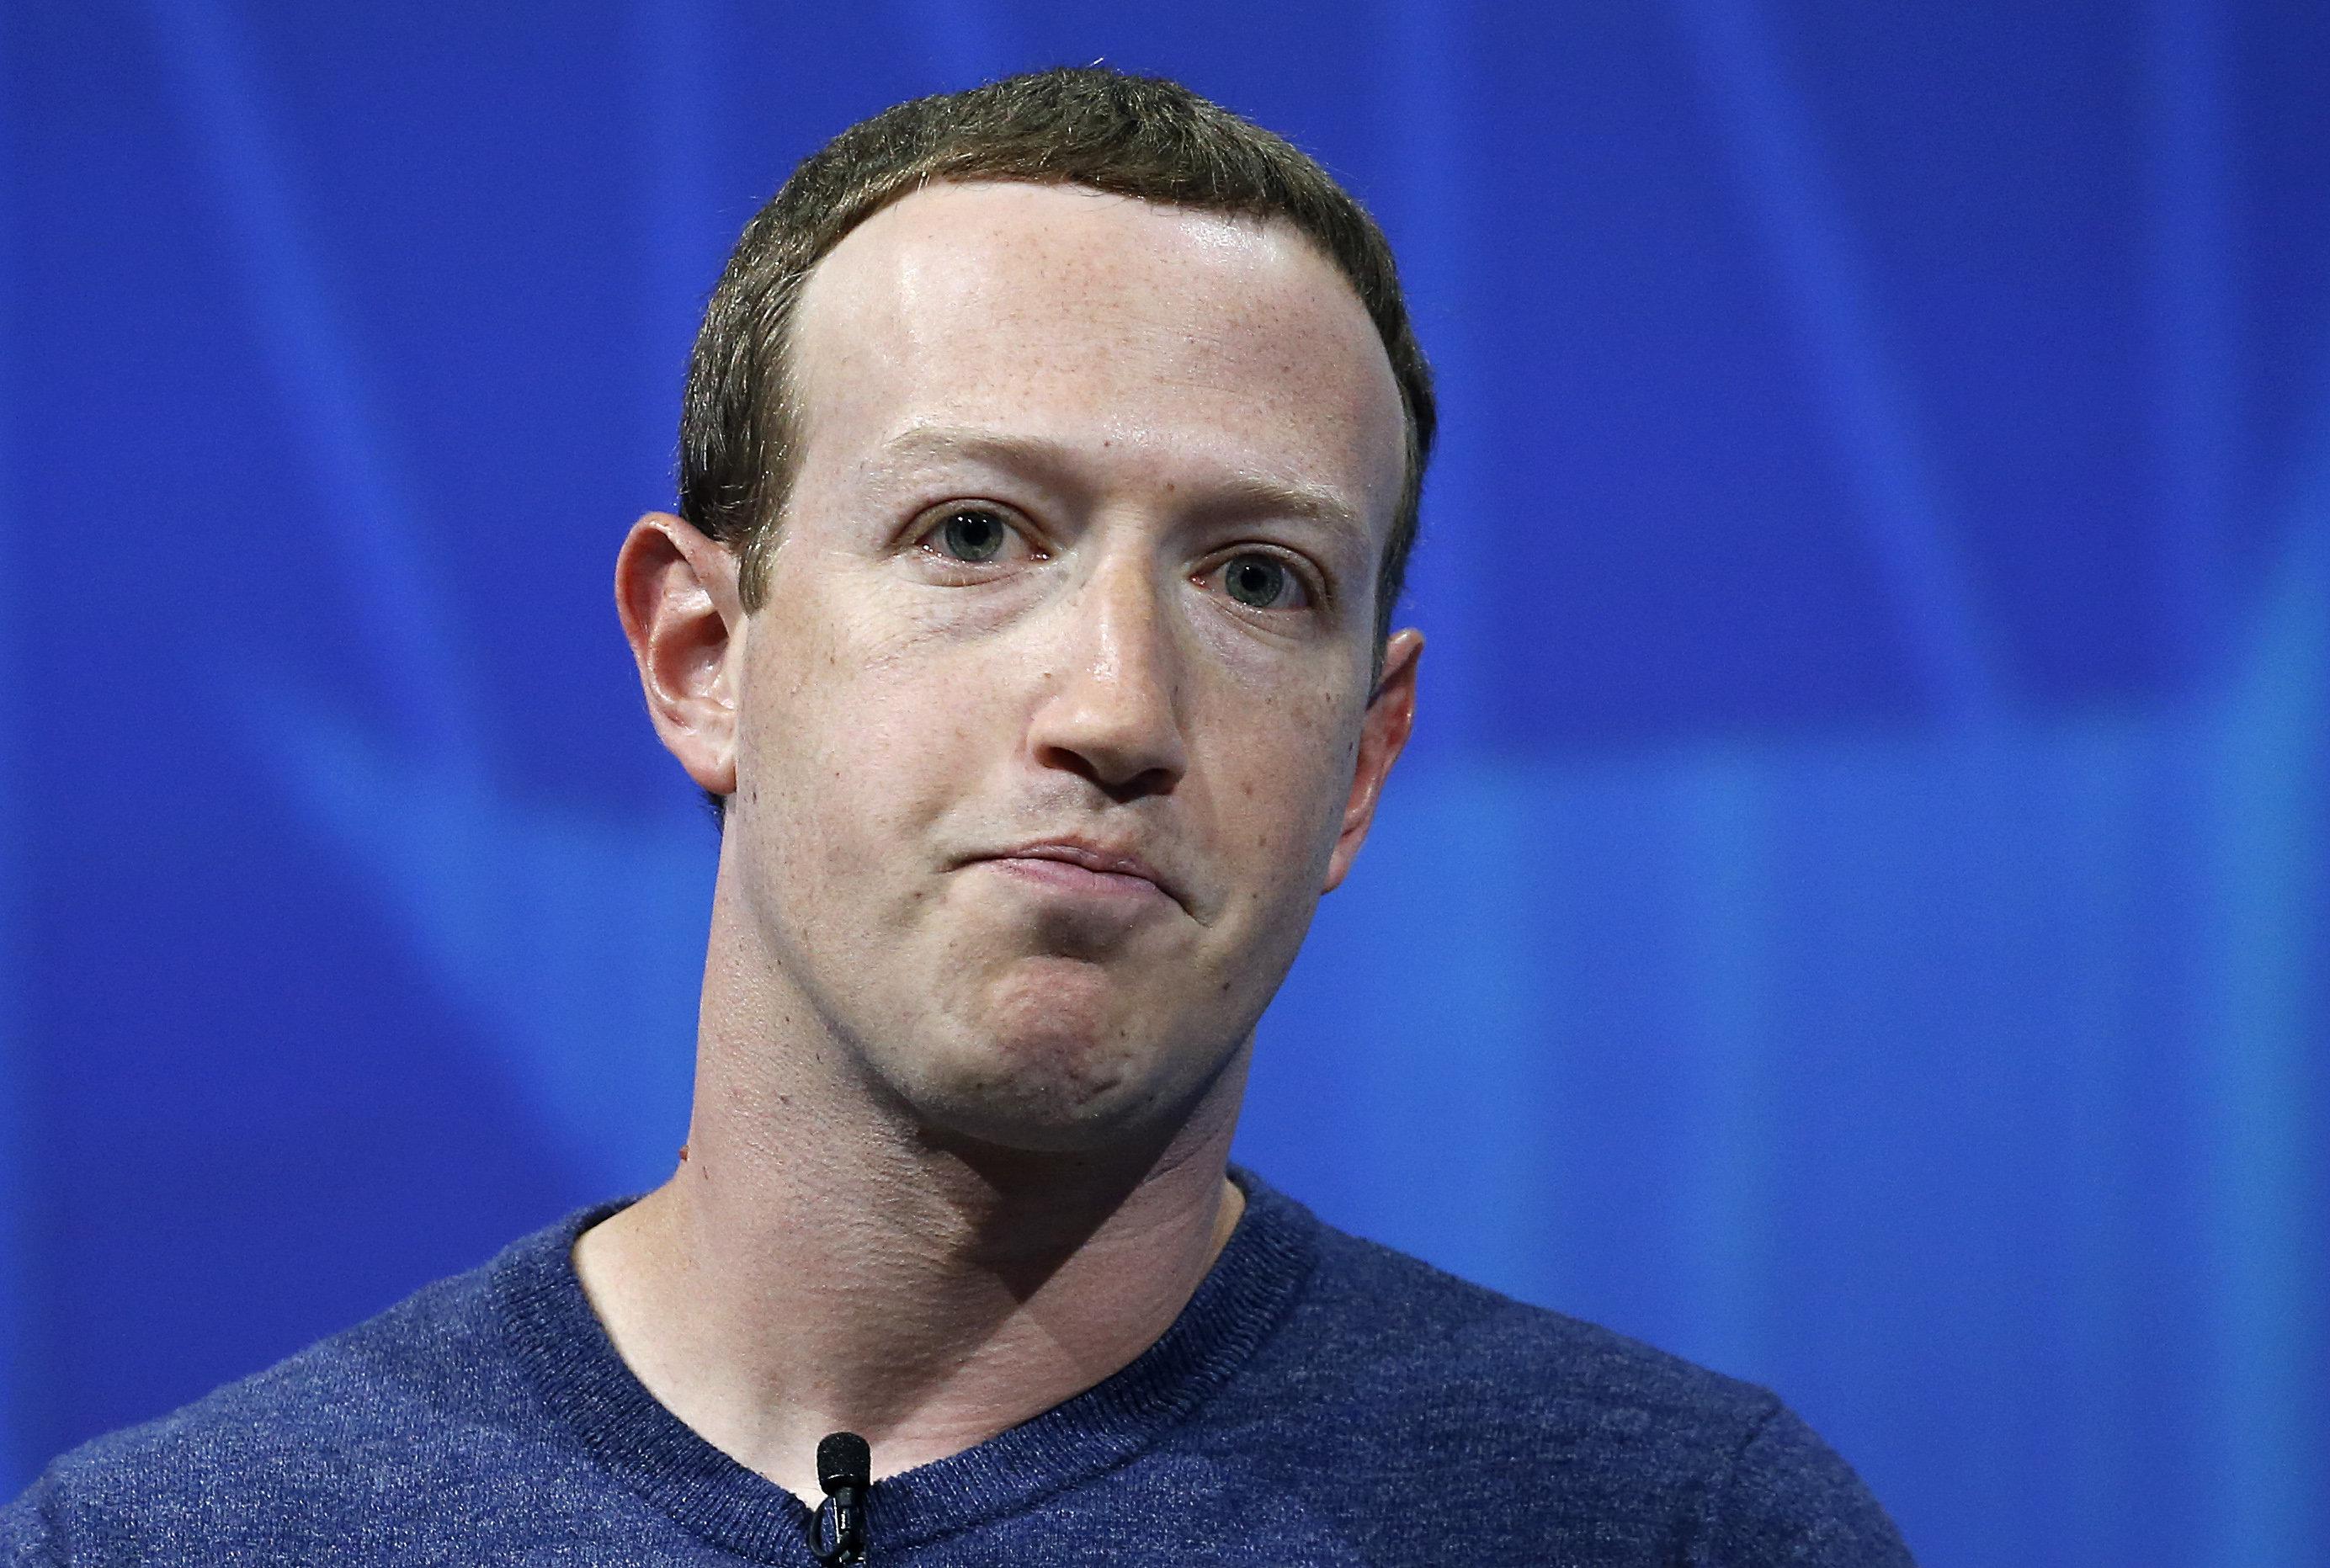 마크 저커버그가 페이스북에서 홀로코스트 부정 콘텐츠를 제거하지 않겠다고